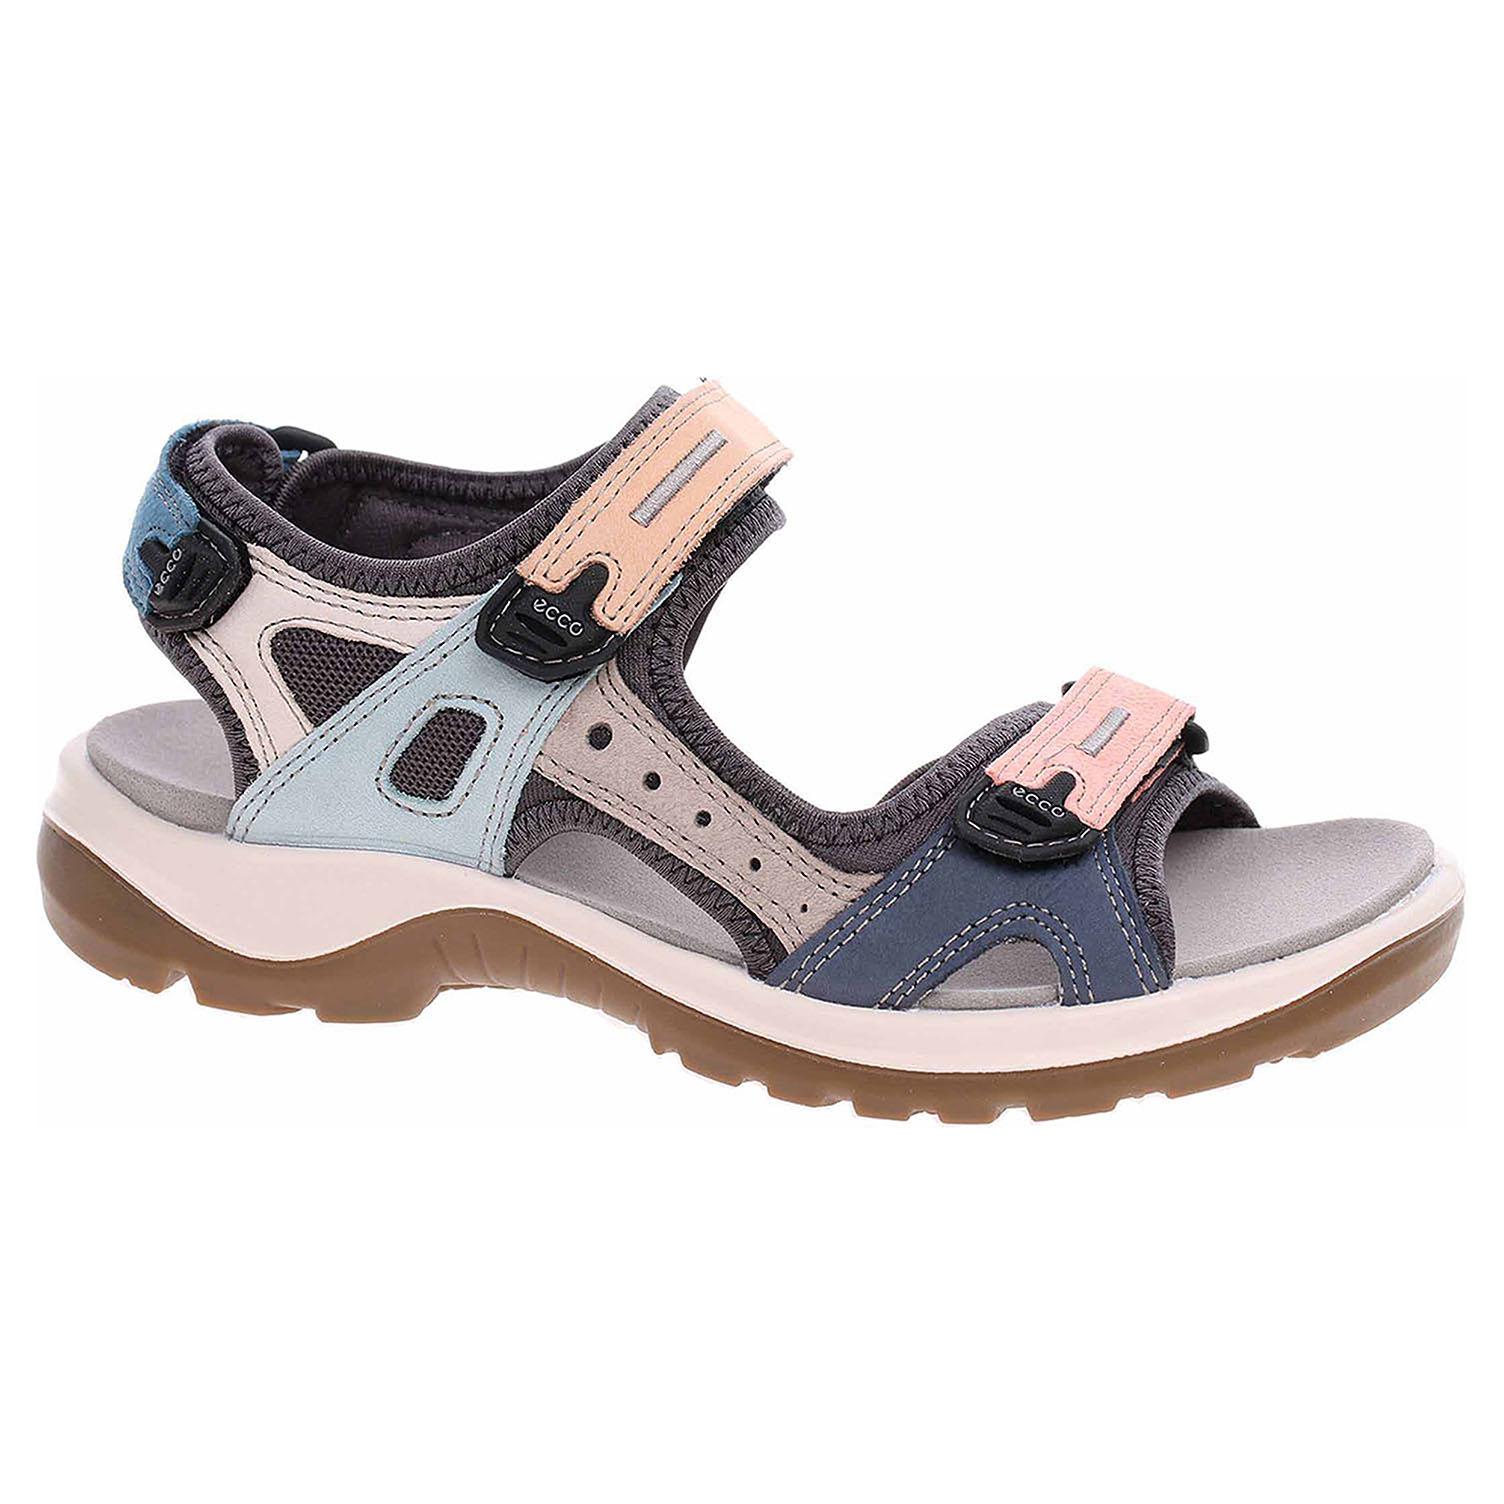 82567014f1b8 detail Dámské sandály Ecco Offroad 82208355749 multicolor